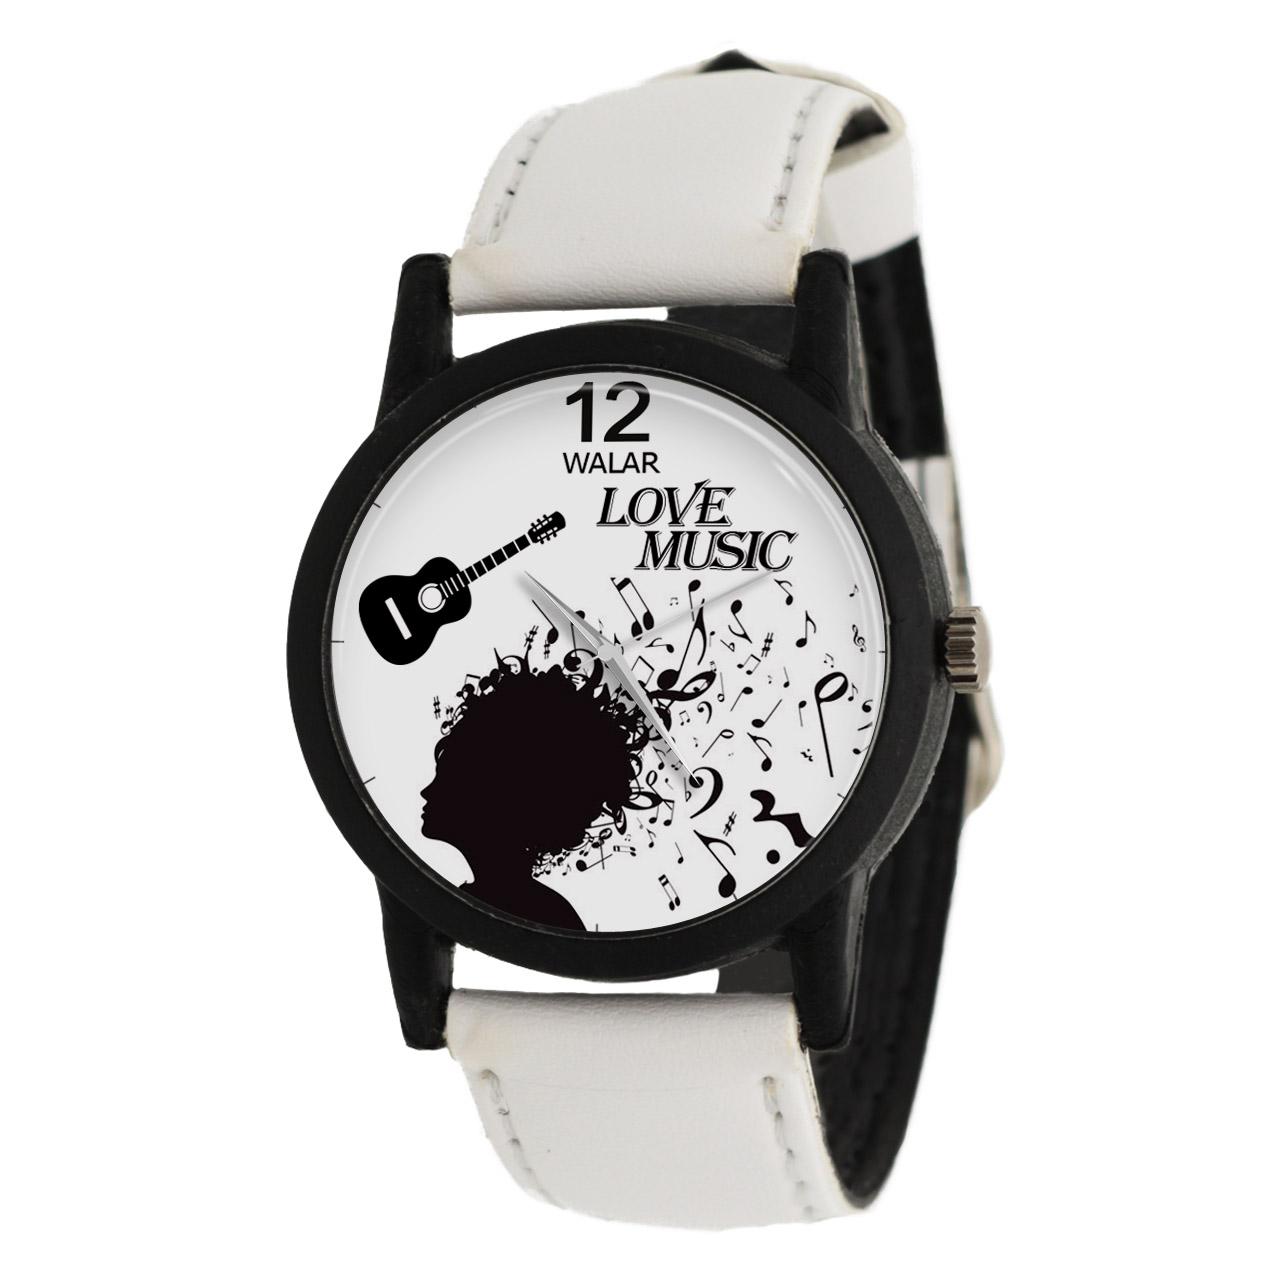 ساعت مچی عقربه ای والار طرح موسیقی مدل LF1456